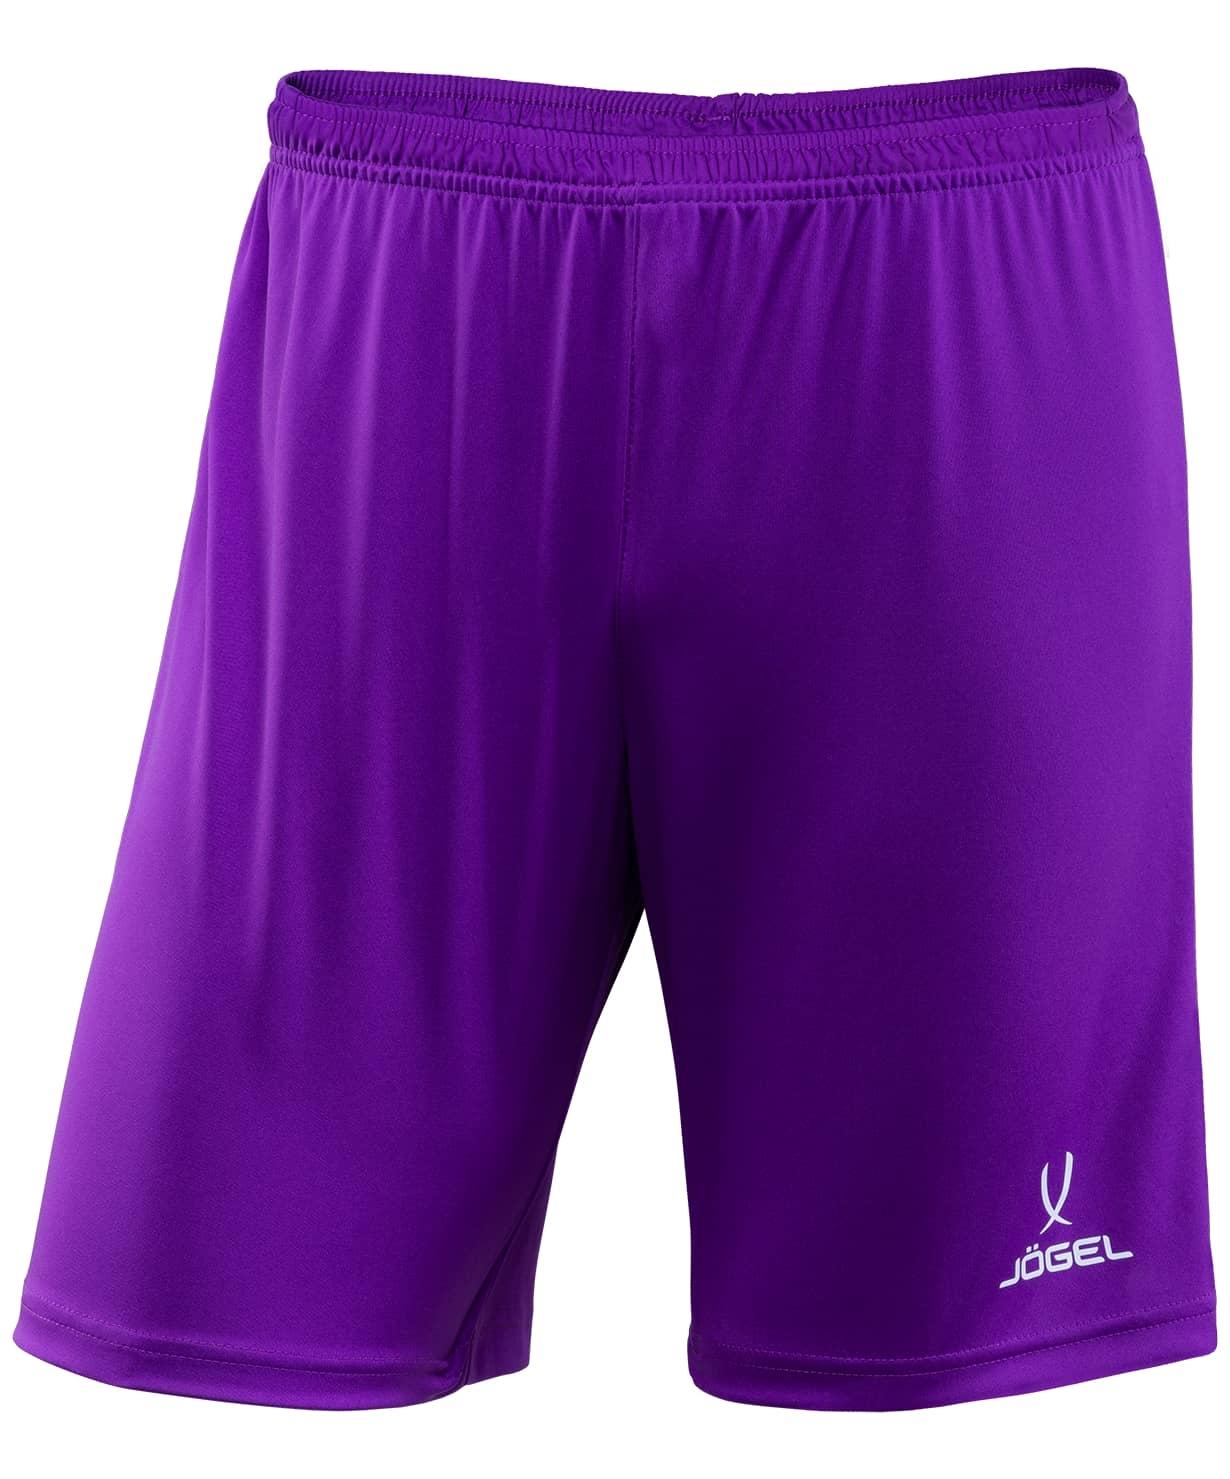 Шорты футбольные CAMP JFT-1120-V1, фиолетовый/белый